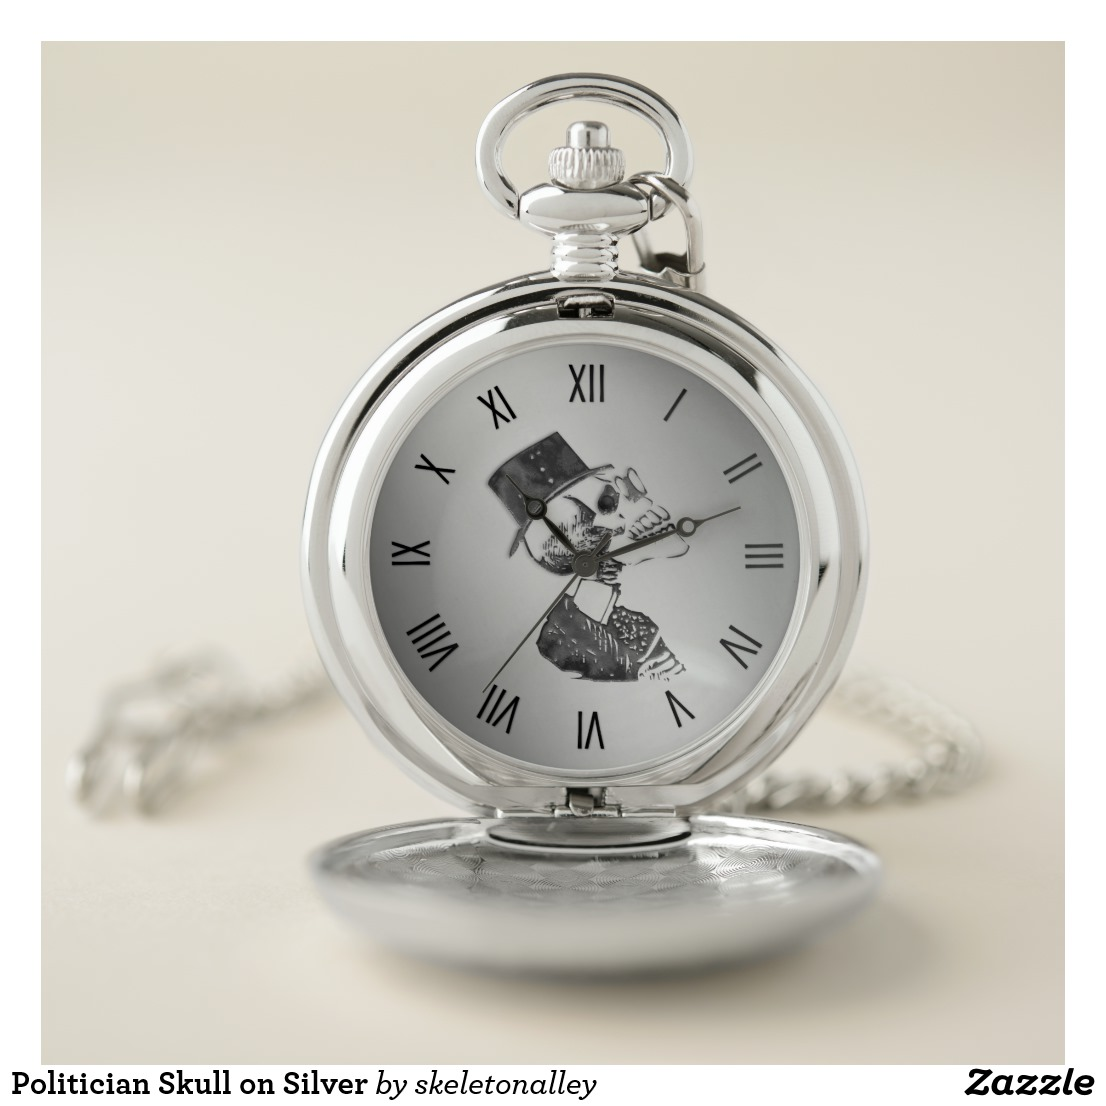 Politician Skull on Silver Pocket Watch